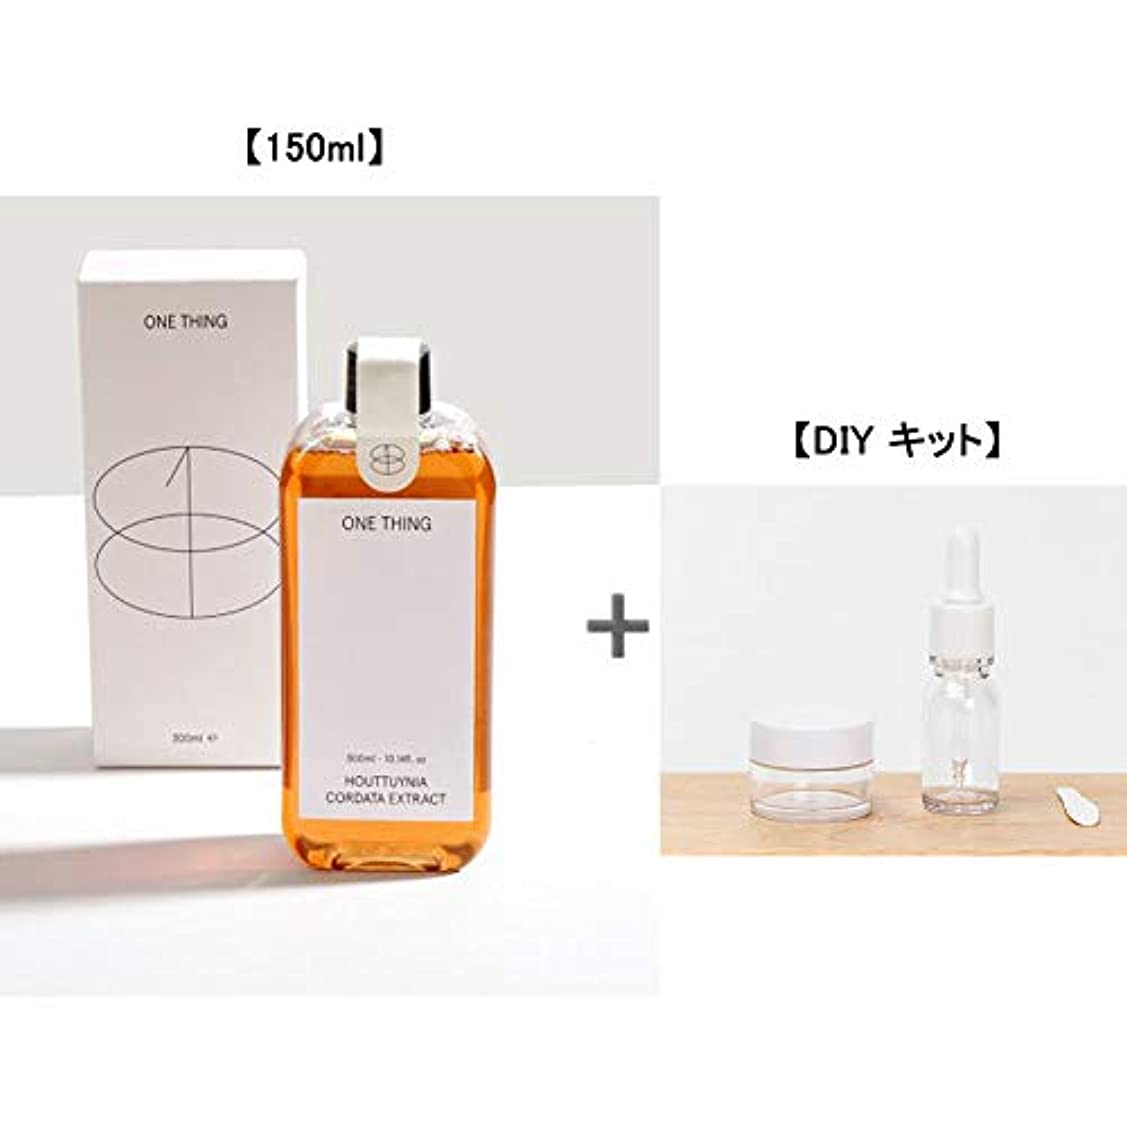 余裕がある領域嵐[ウォンシン]ドクダミエキス原液 150ml /トラブル性肌、頭皮ケアに効果的/化粧品に混ぜて使用可能[並行輸入品] (ドクダミ 原液 150ml + DIY 3種キット)